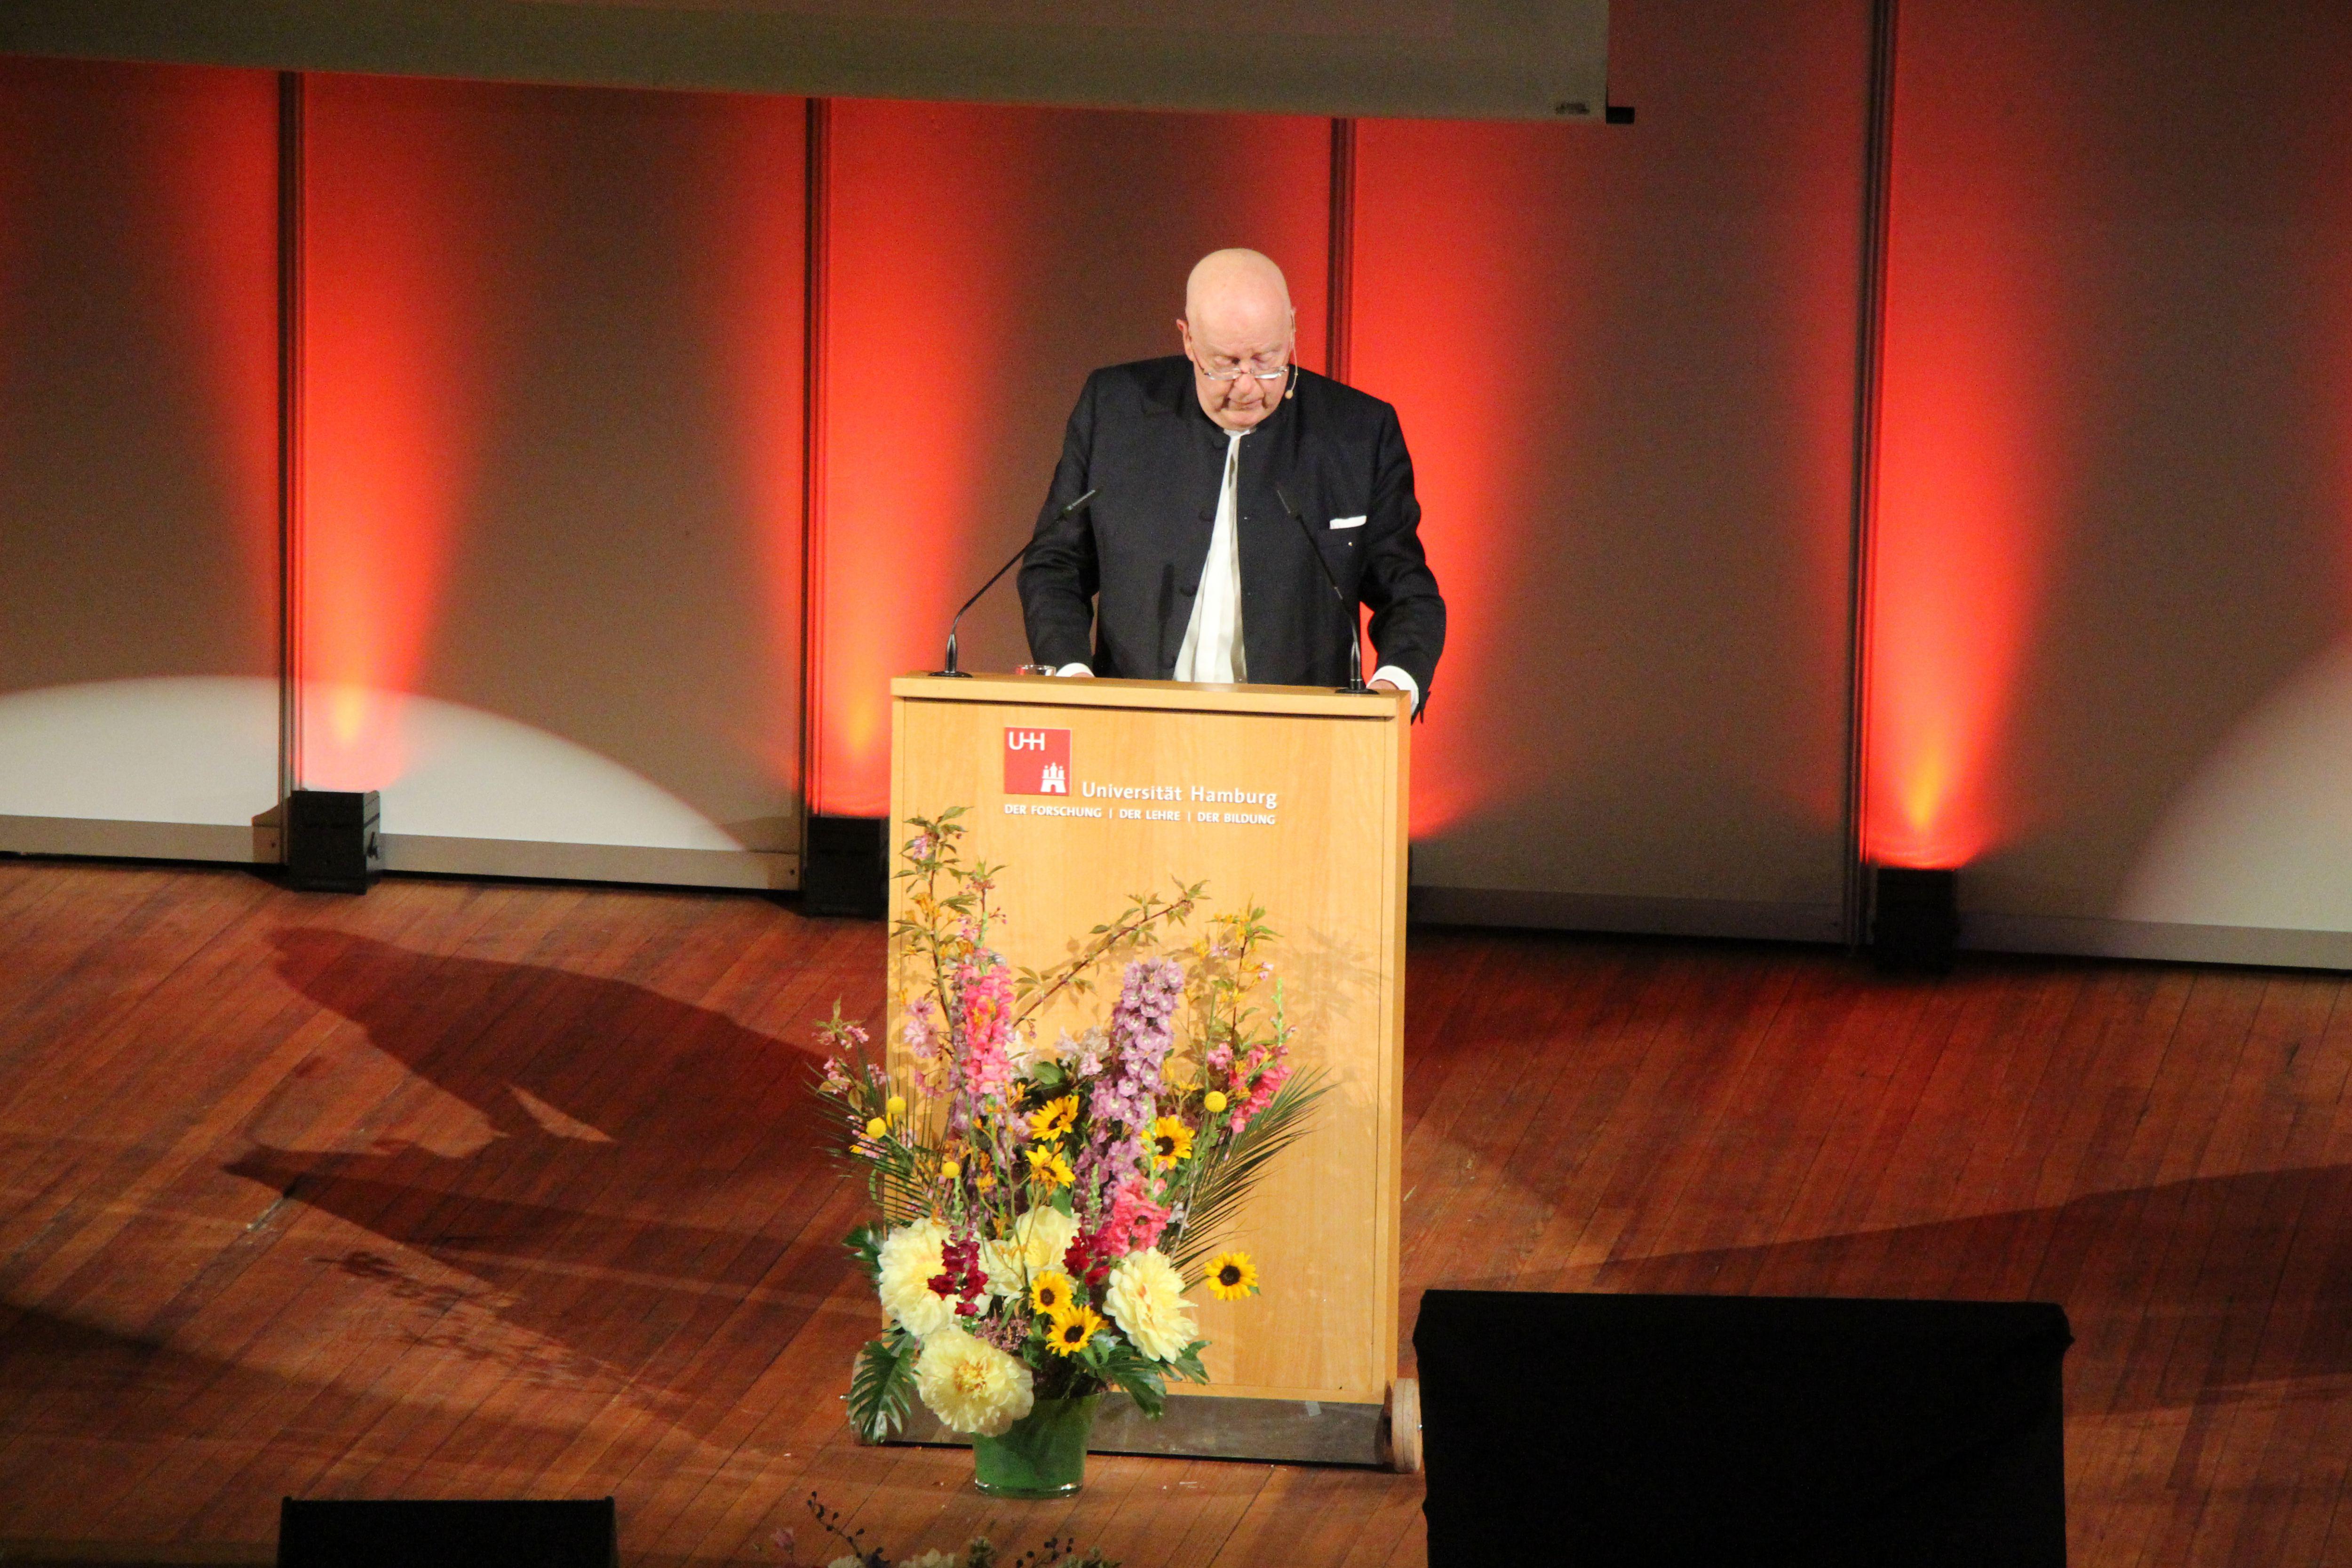 """""""Wir wünschen uns, dass uns die Freiheit der Forschung erhalten bleibt"""", sagte Lenzen. Foto: Alicia Wischhusen"""